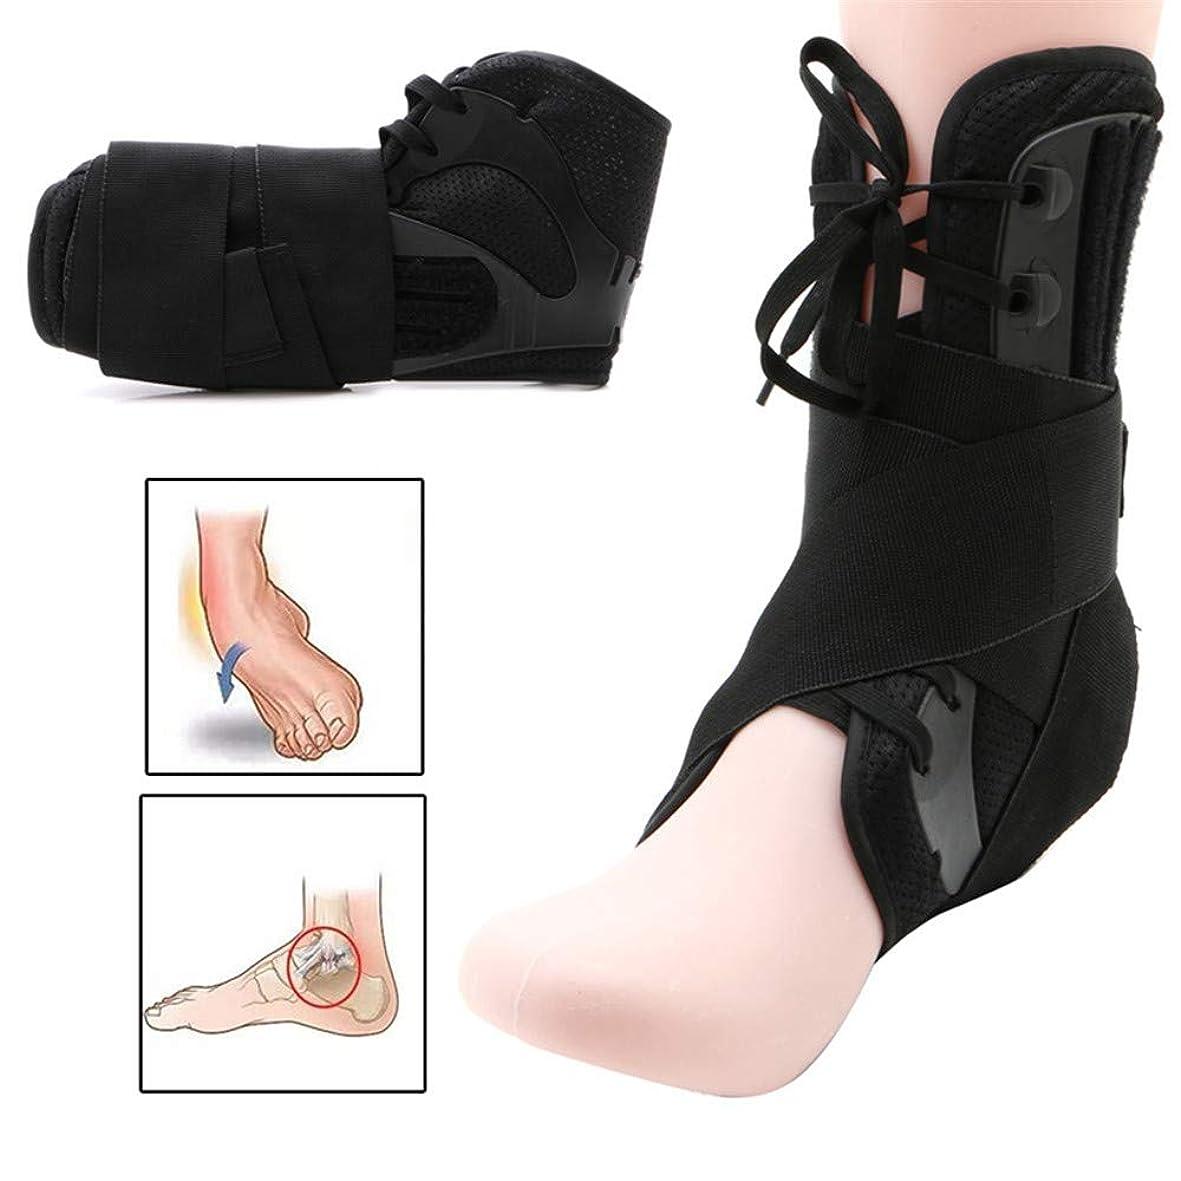 登山家オーバーラン鉱夫足首装具サポート、スポーツ調整可能な足首ストラップ、スポーツサポート調整可能な足装具安定装置足首プロテクター